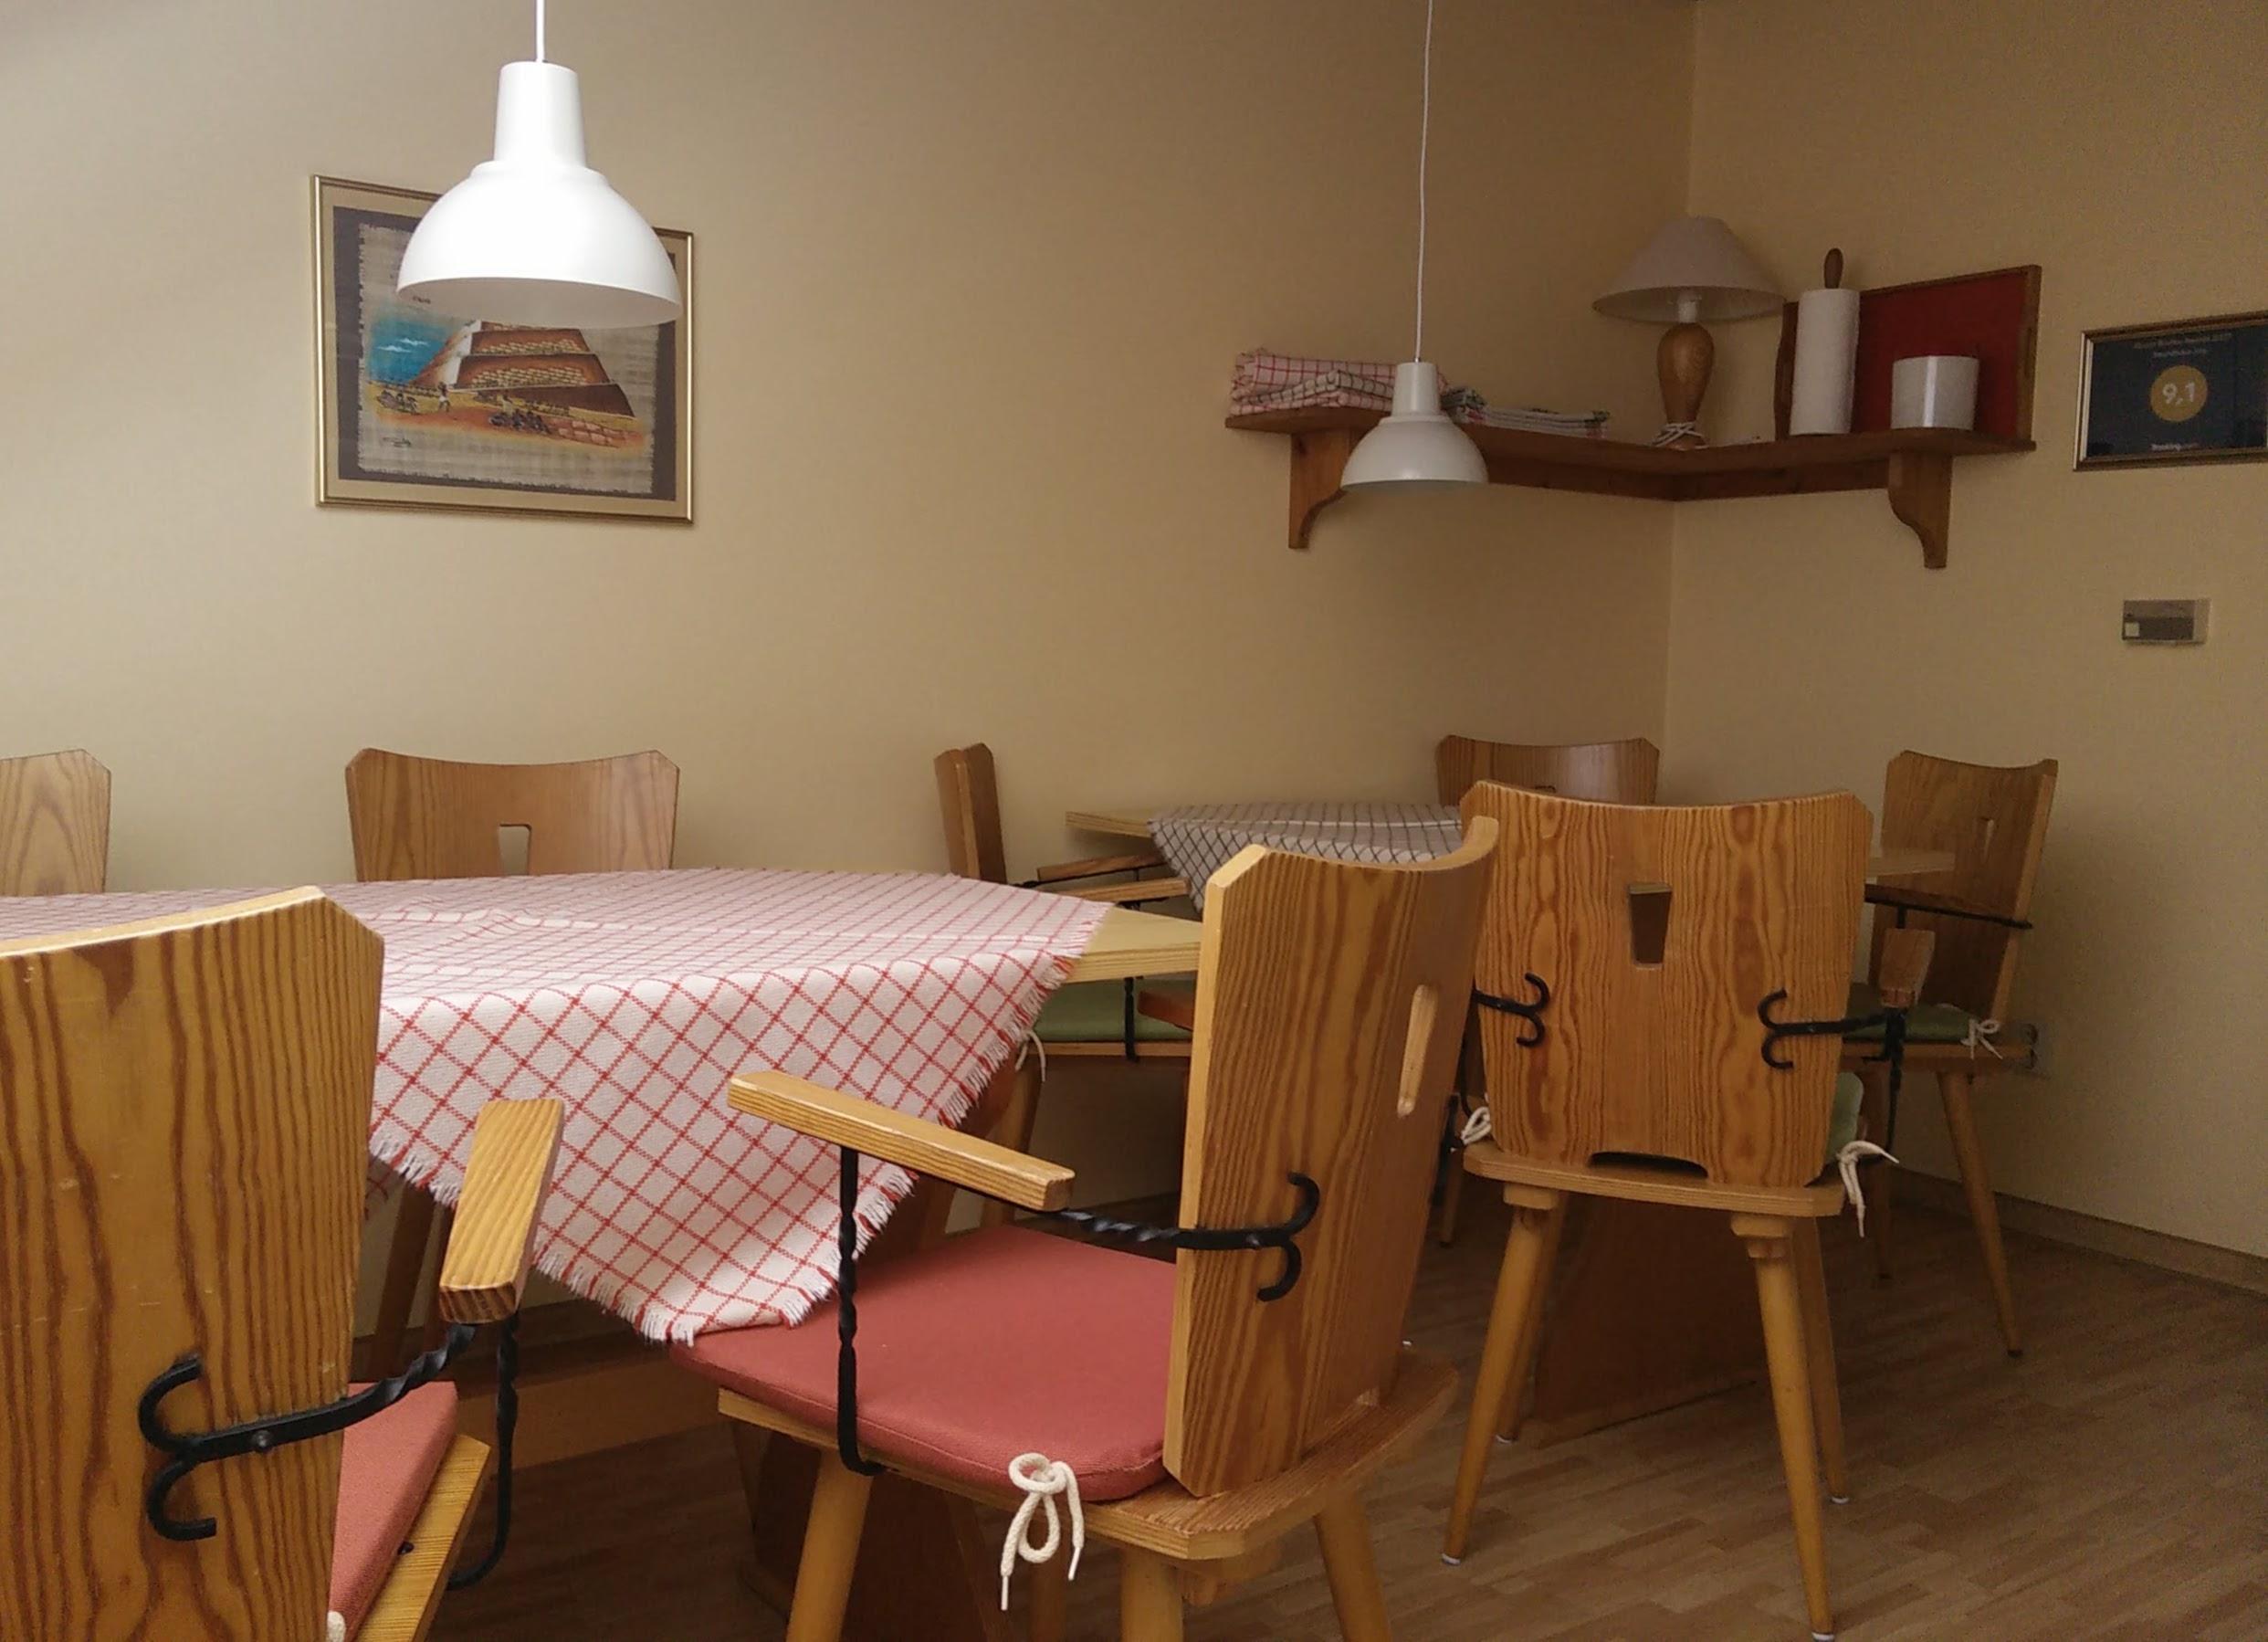 Speiseraum / Küchenzeile: Bestuhlung für 10 Personen